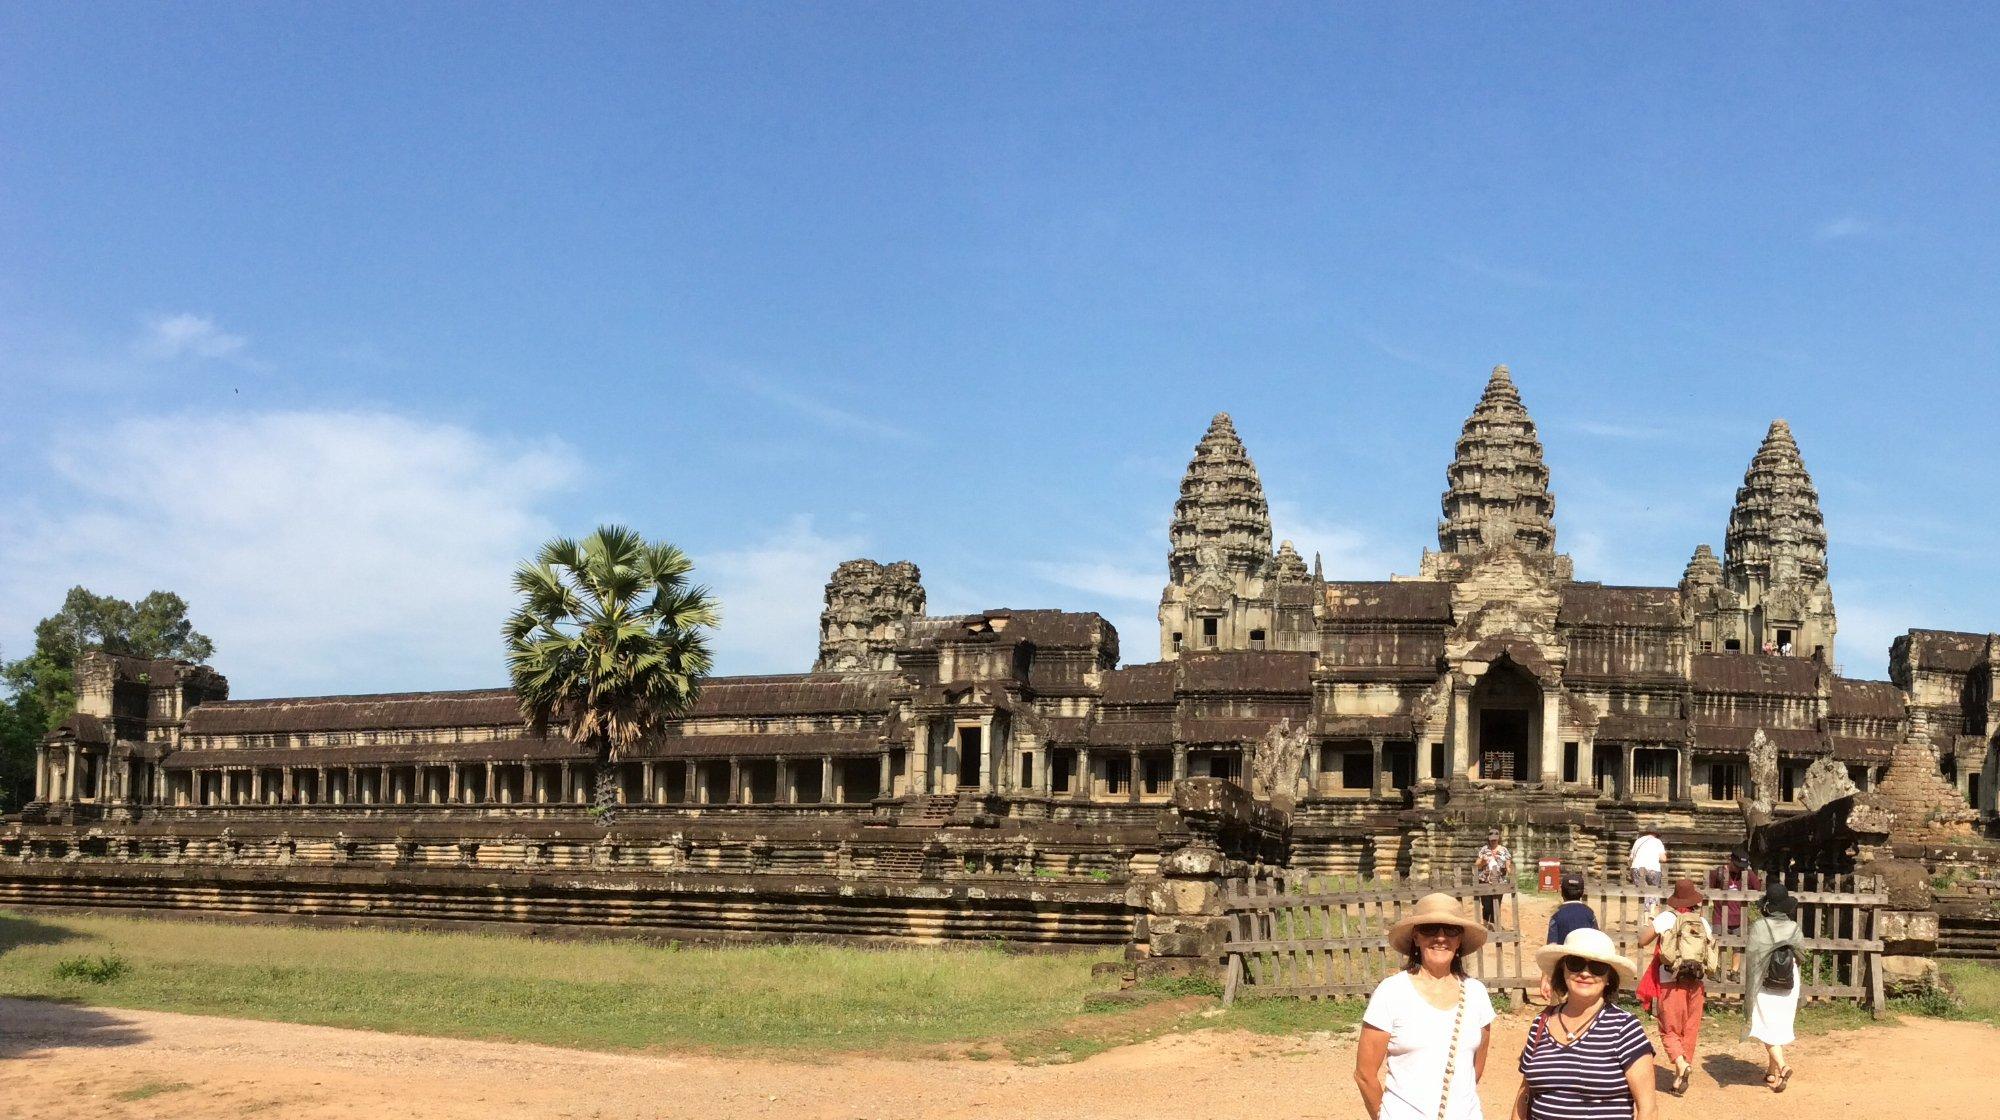 Индуистский храмовый комплекс Ангкор-Ват